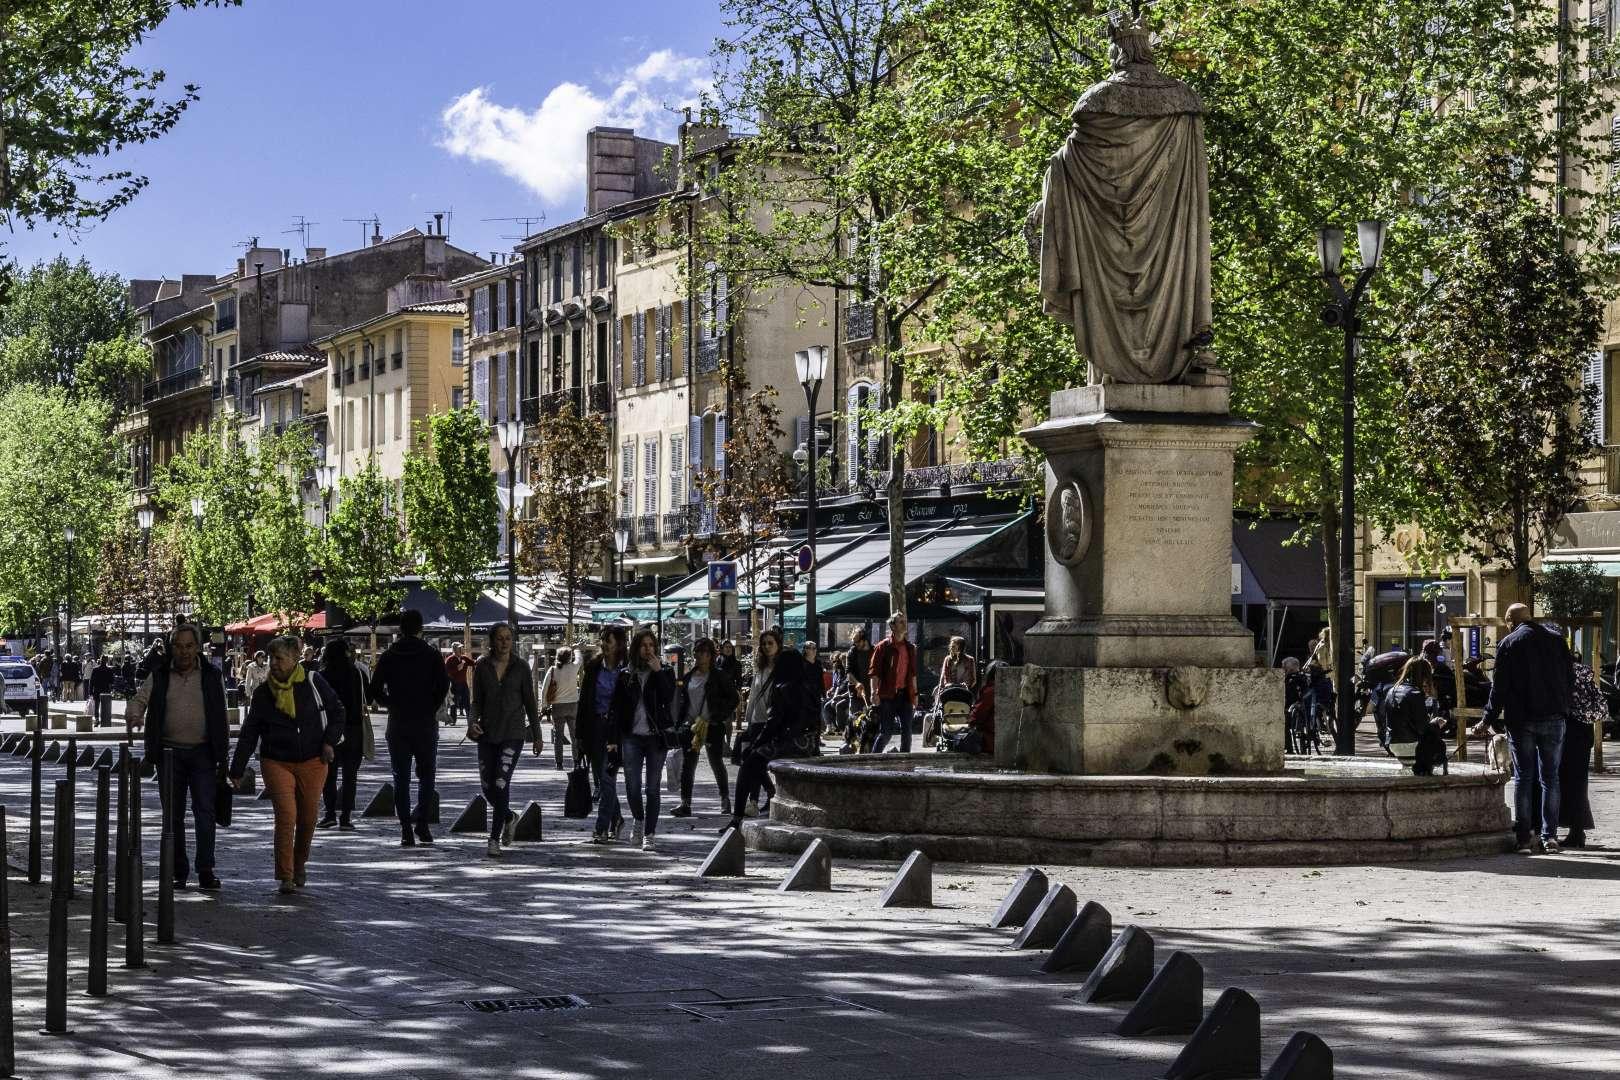 la statua del Roi René, conte di Provenza